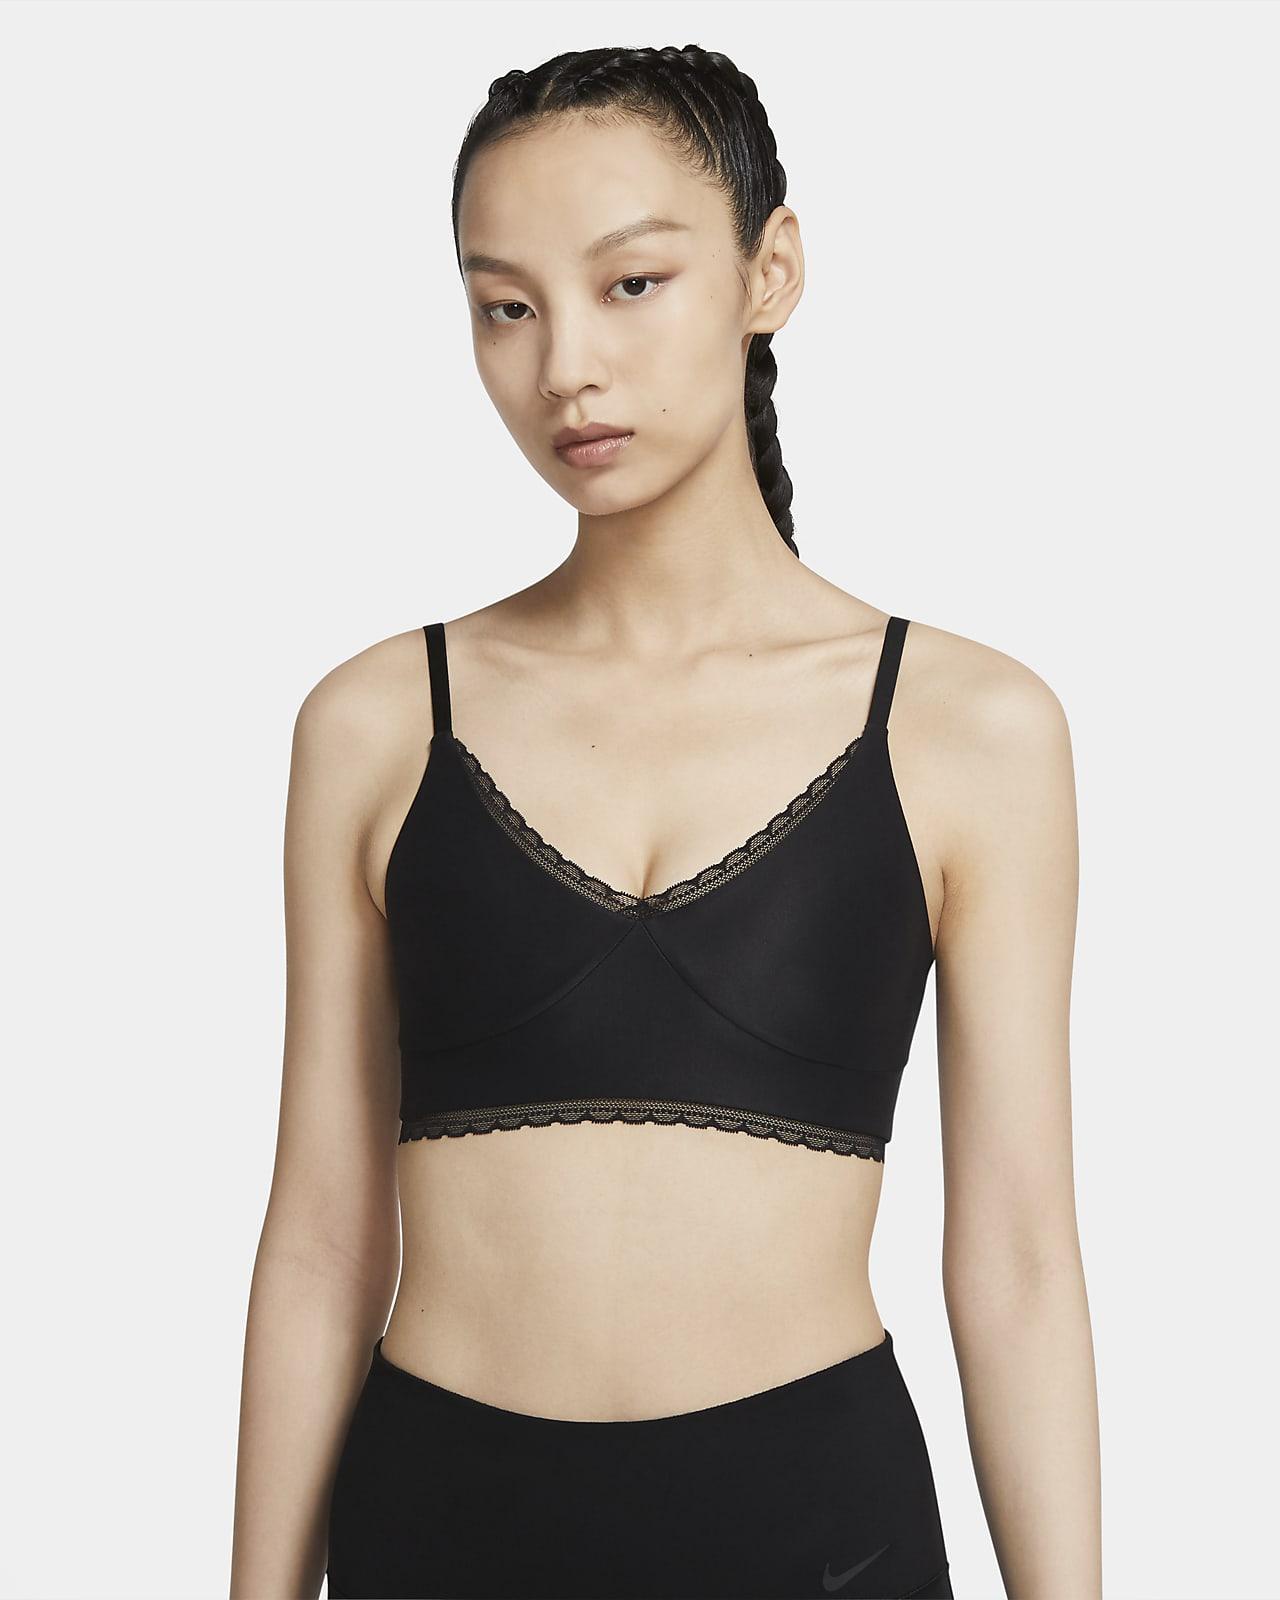 Nike Indy Luxe 女款輕度支撐型運動內衣